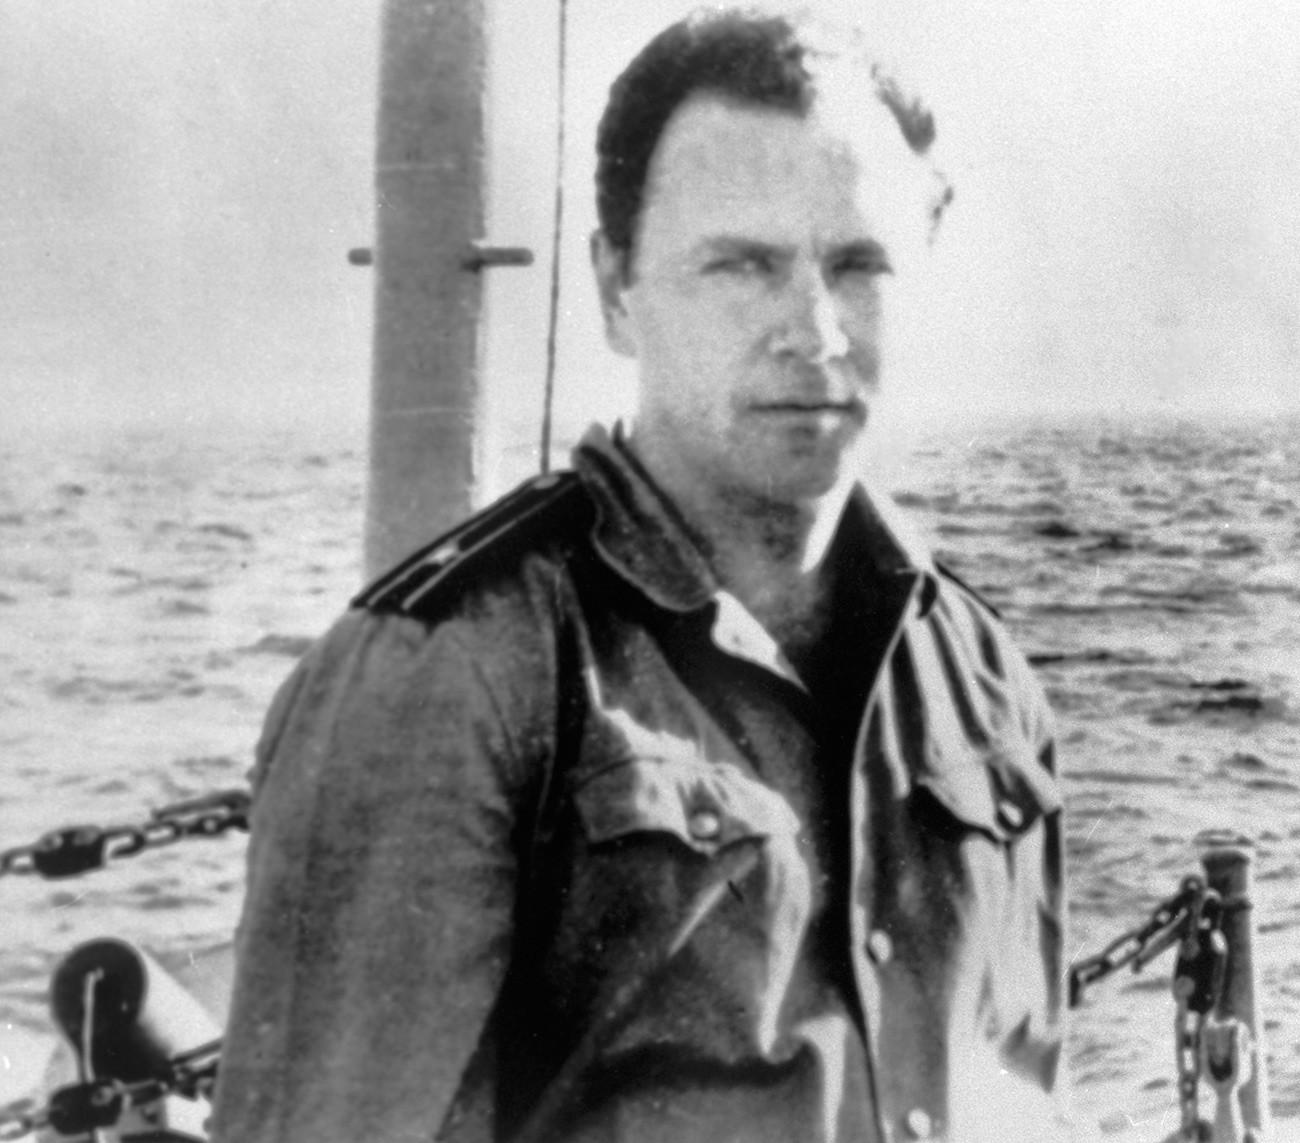 Валериј Сабљин, капетан треће класе.